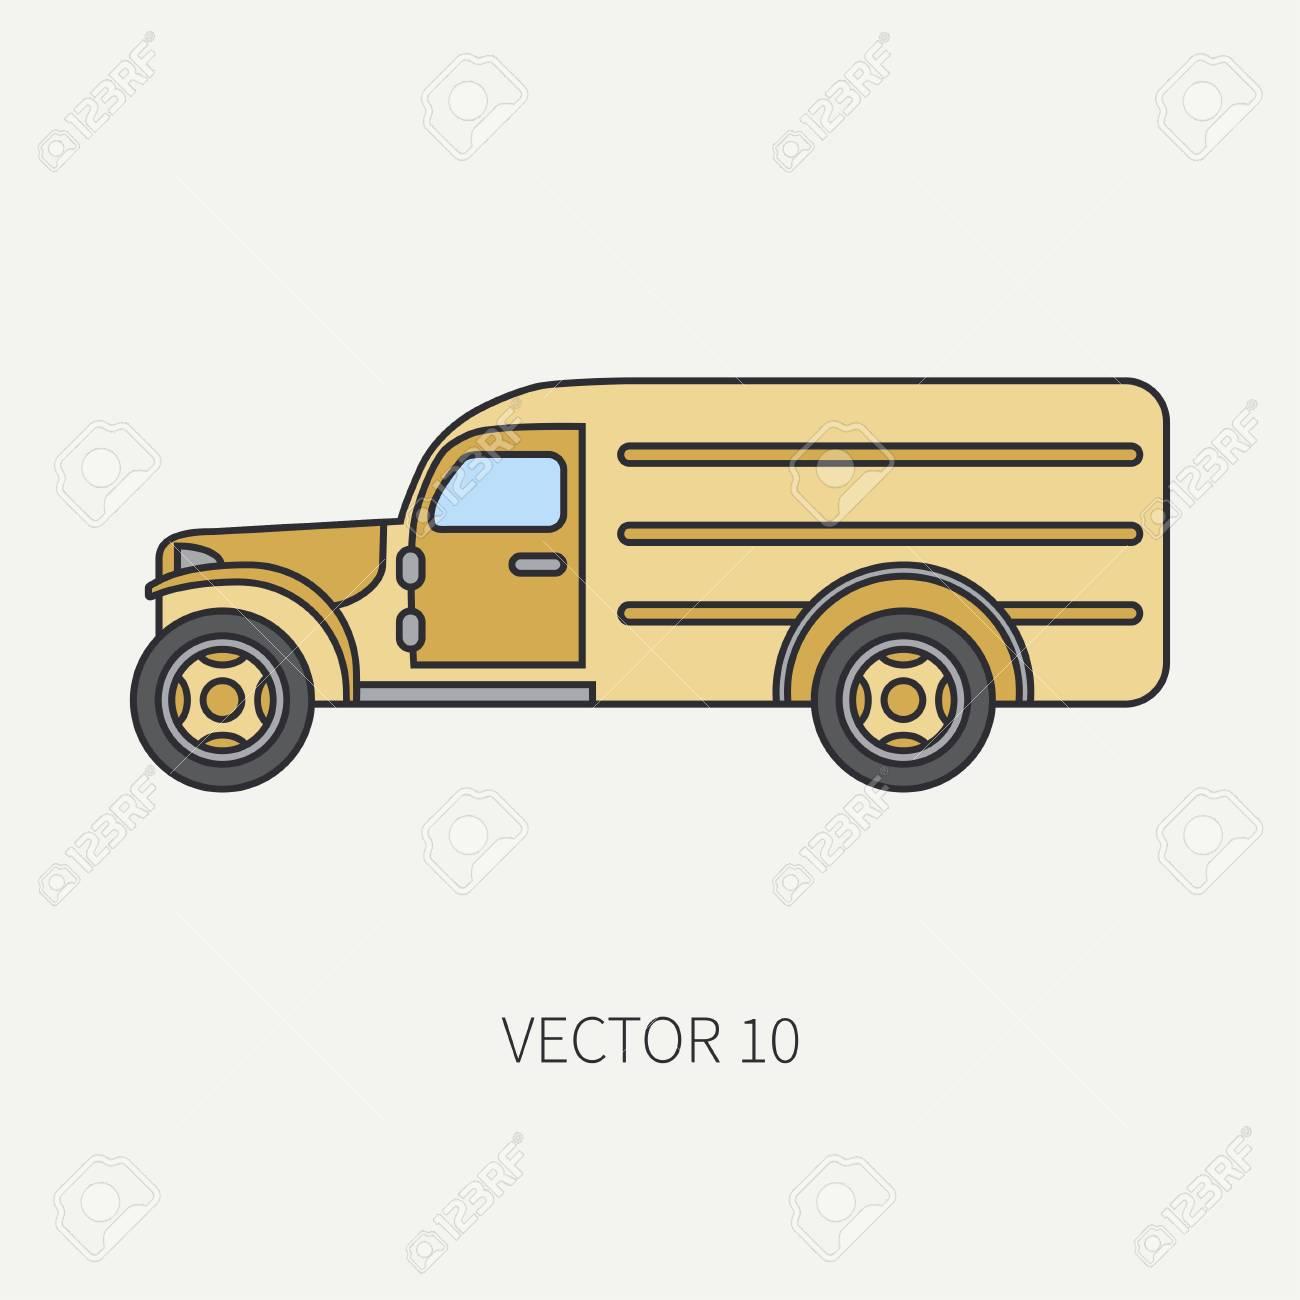 Icon Personnel Terrain Couleur Service Ligne De Armée Transport MilitaireStyle Tout Vector Animé VanVéhicule Dessin Vintage Plat kn08POw